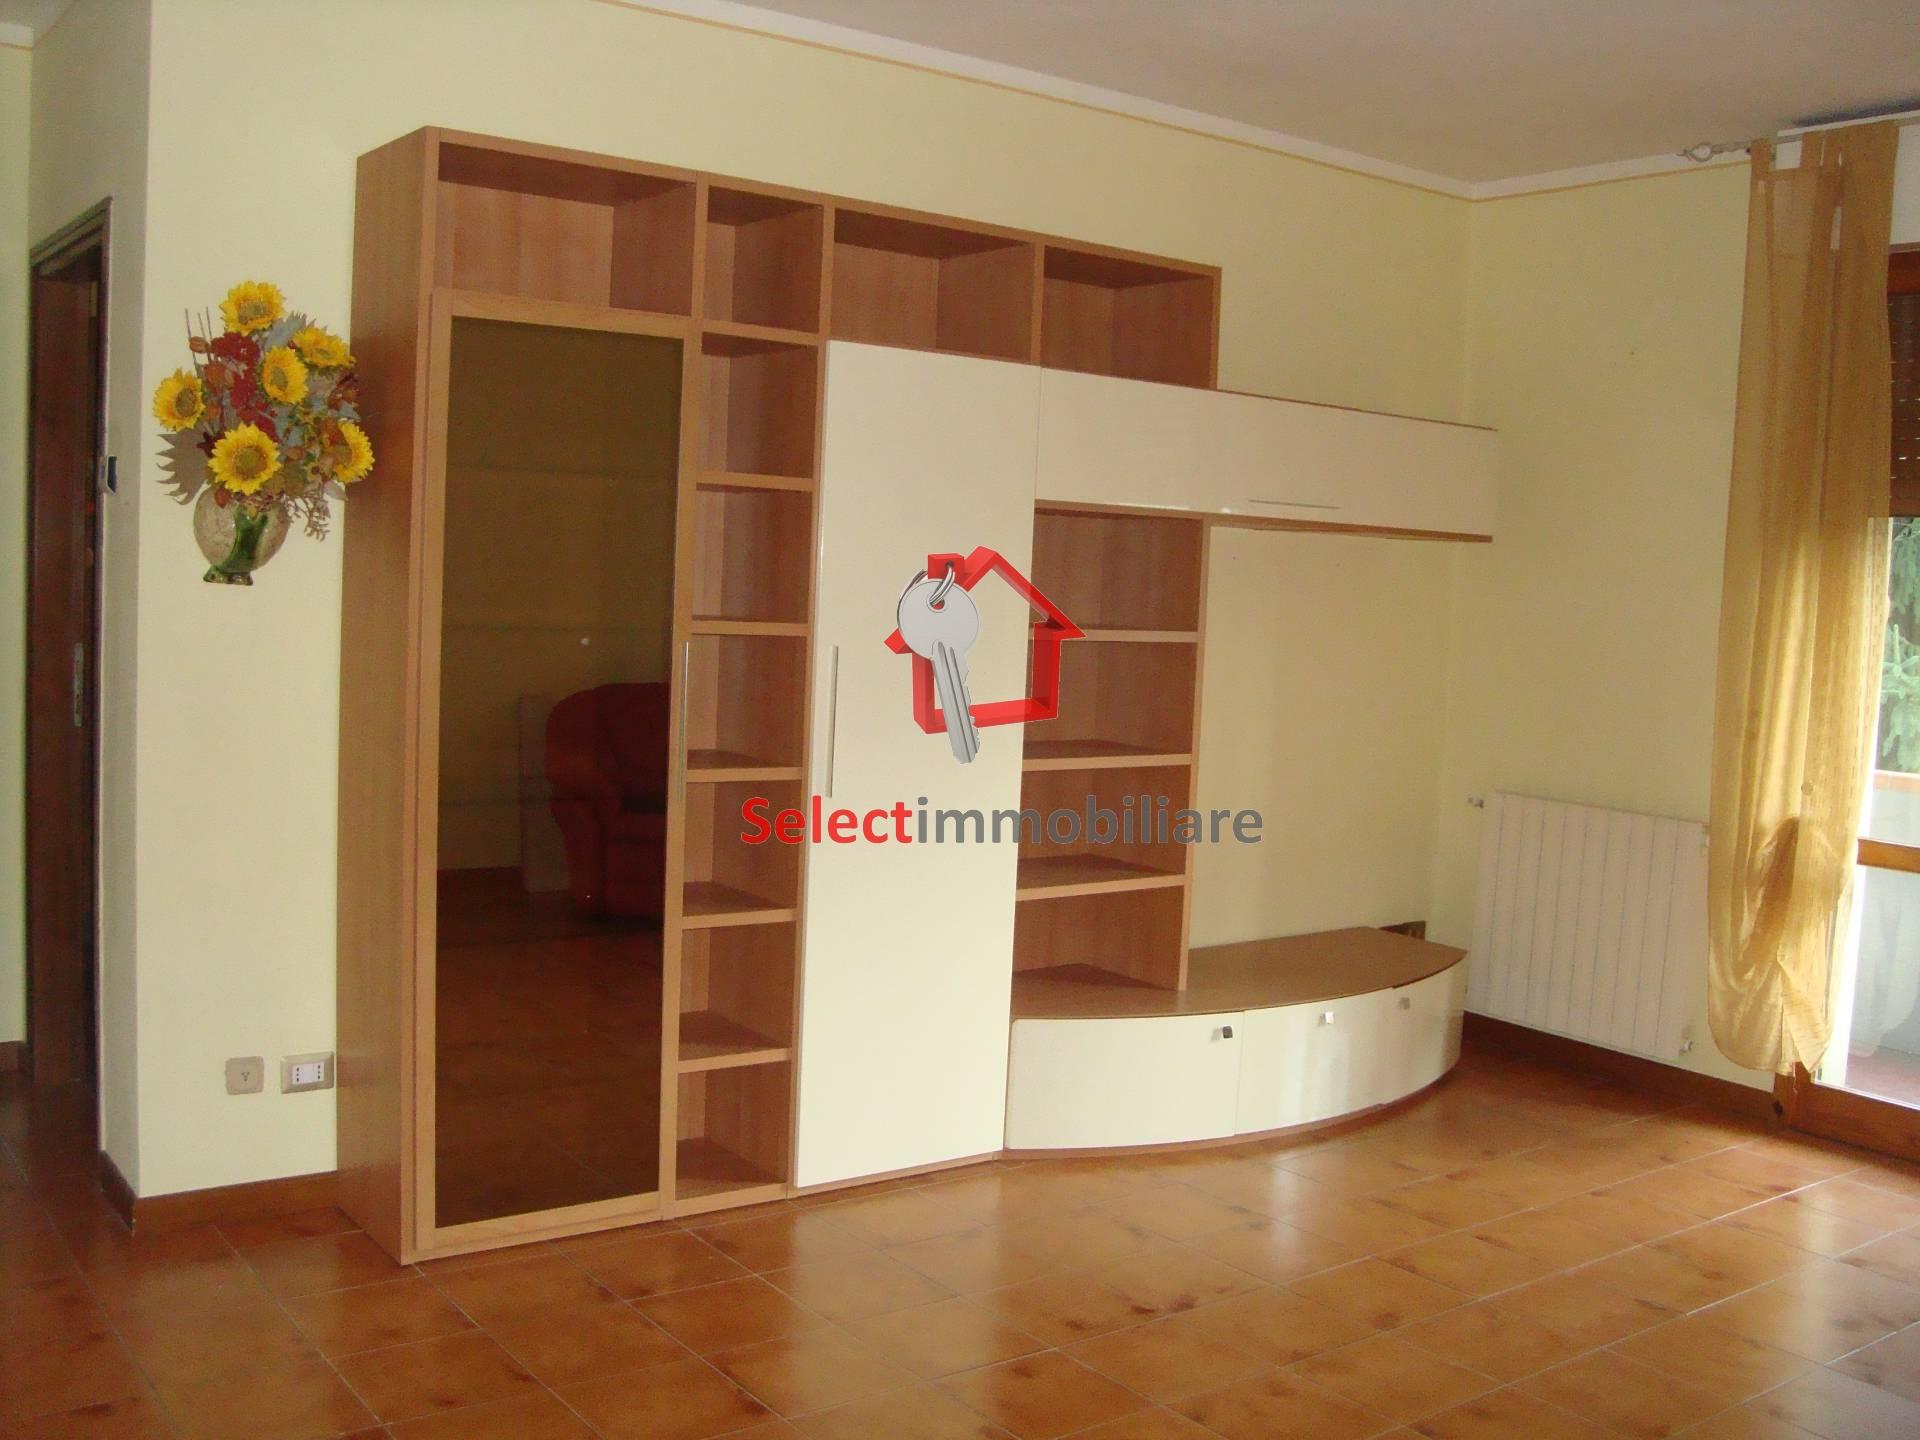 Appartamento in vendita a Borgo a Mozzano, 4 locali, zona Zona: Valdottavo, prezzo € 89.000 | Cambio Casa.it